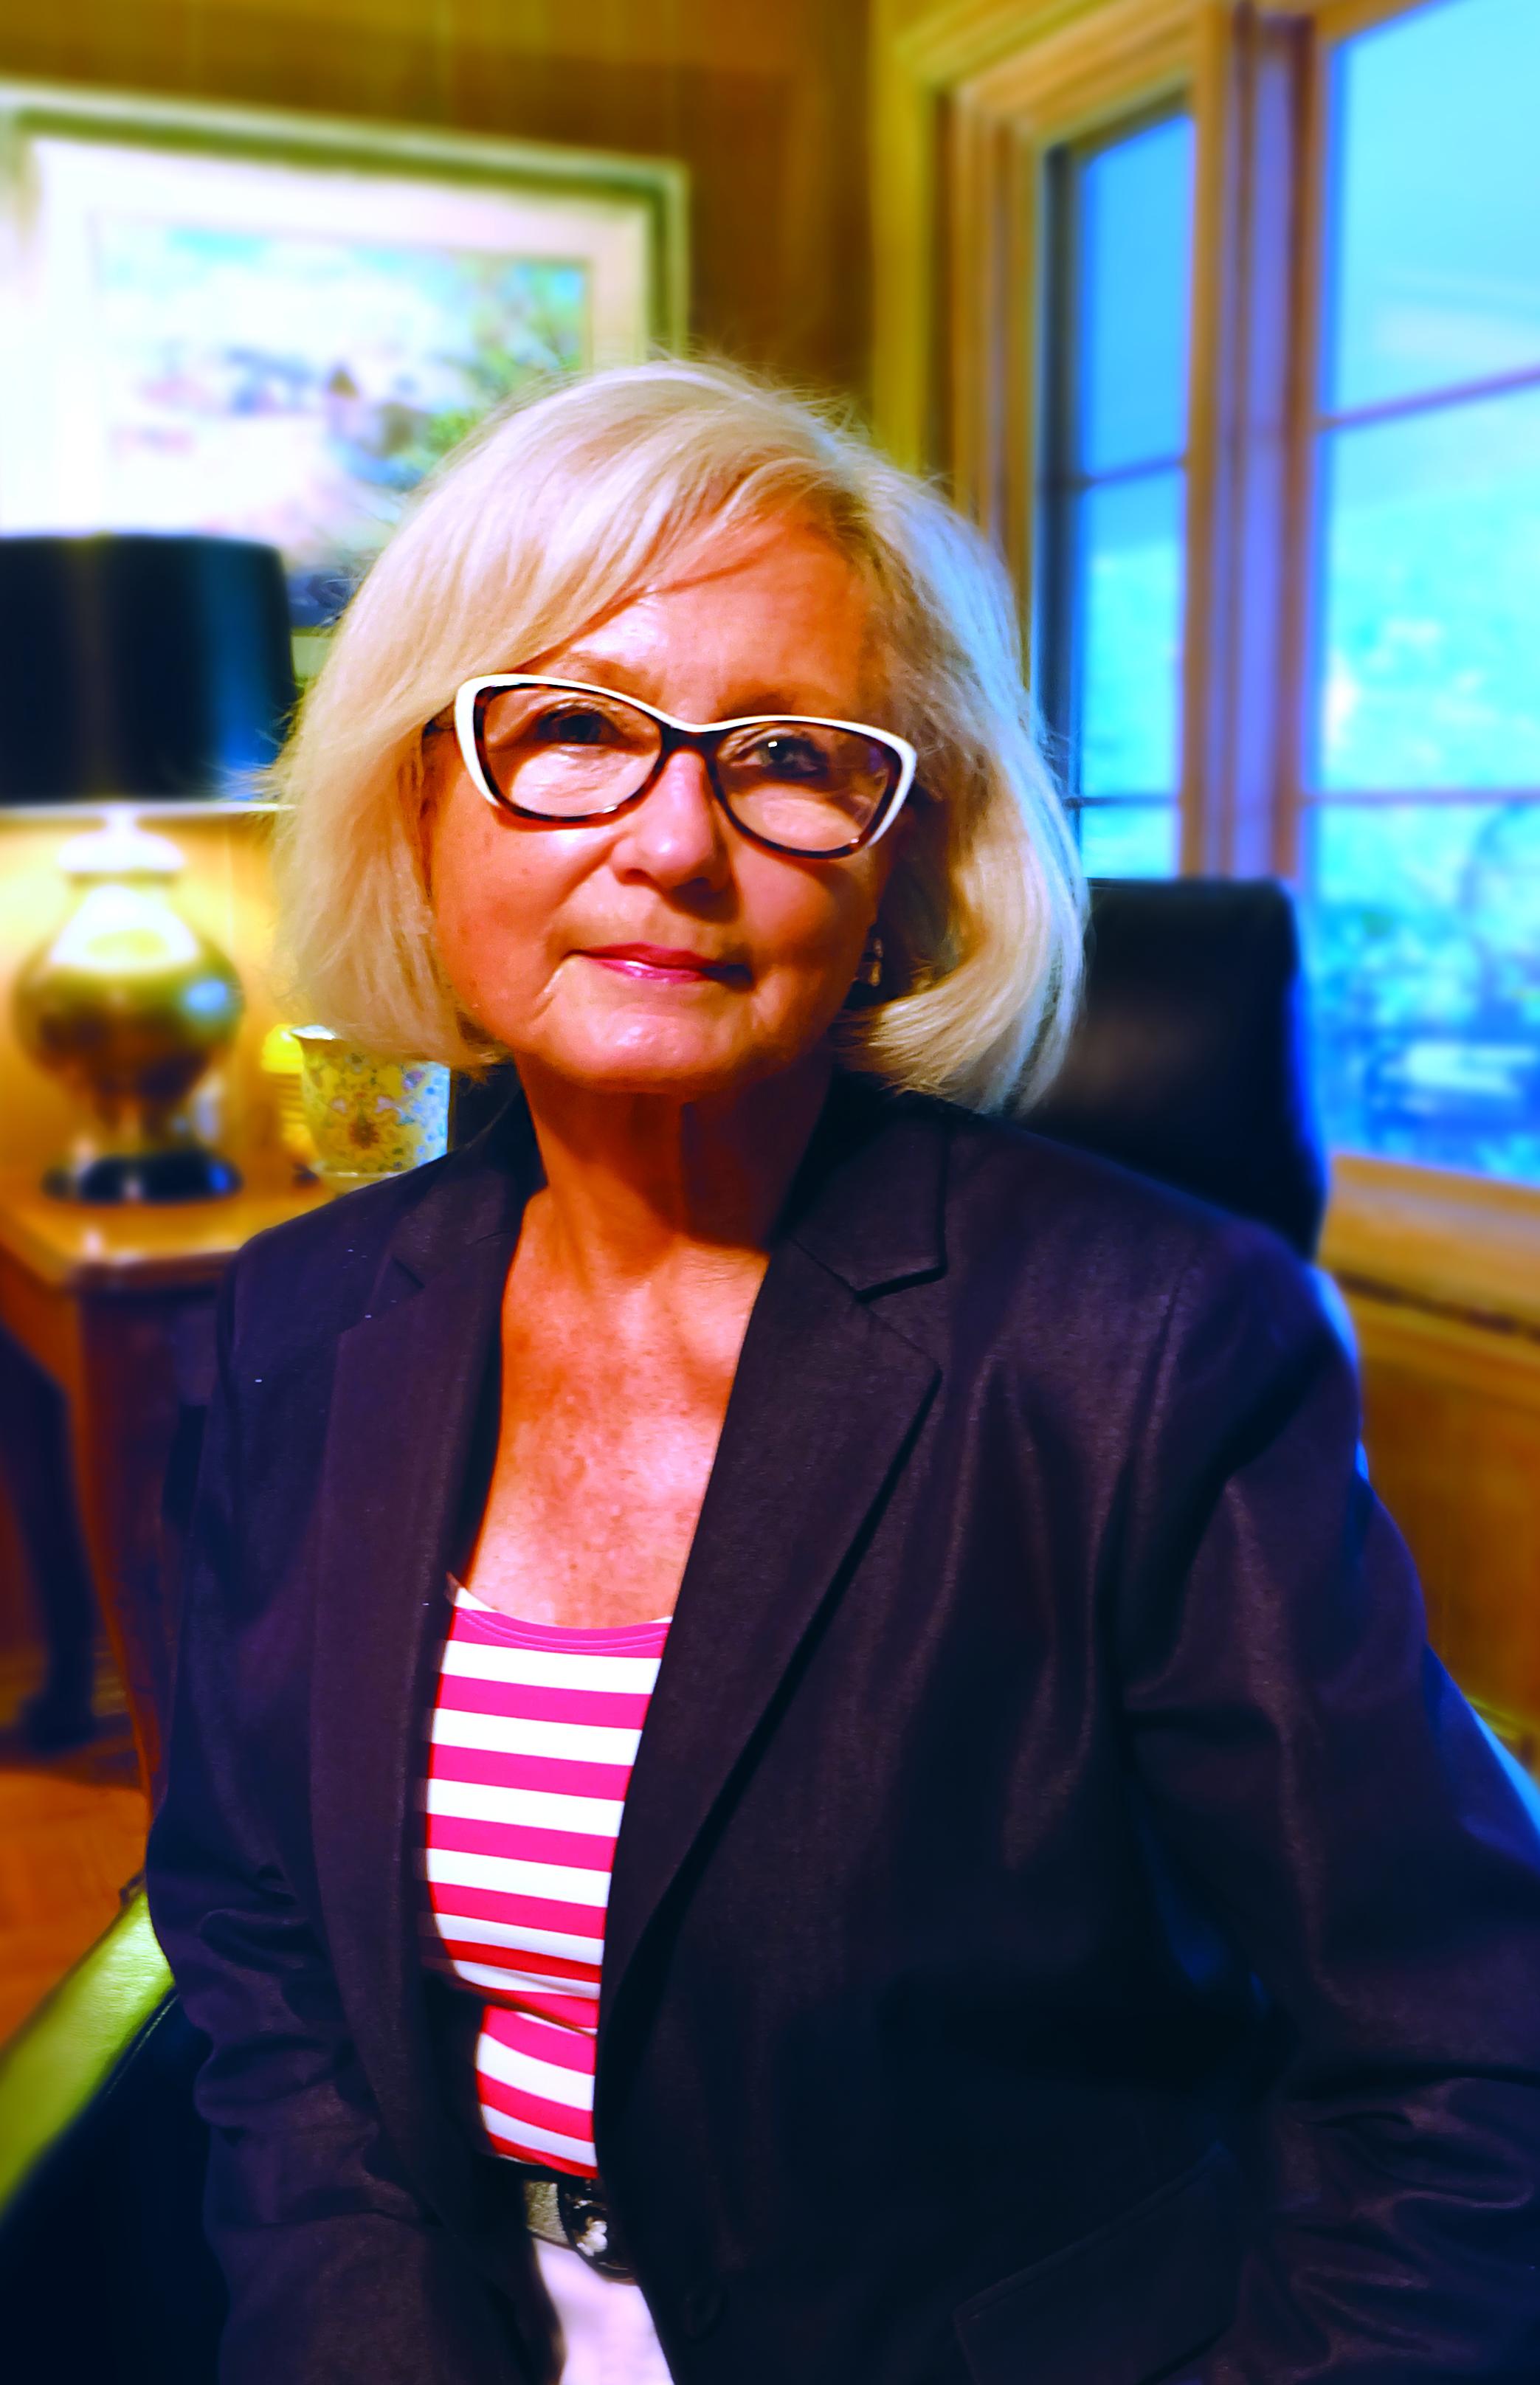 Lola Baker